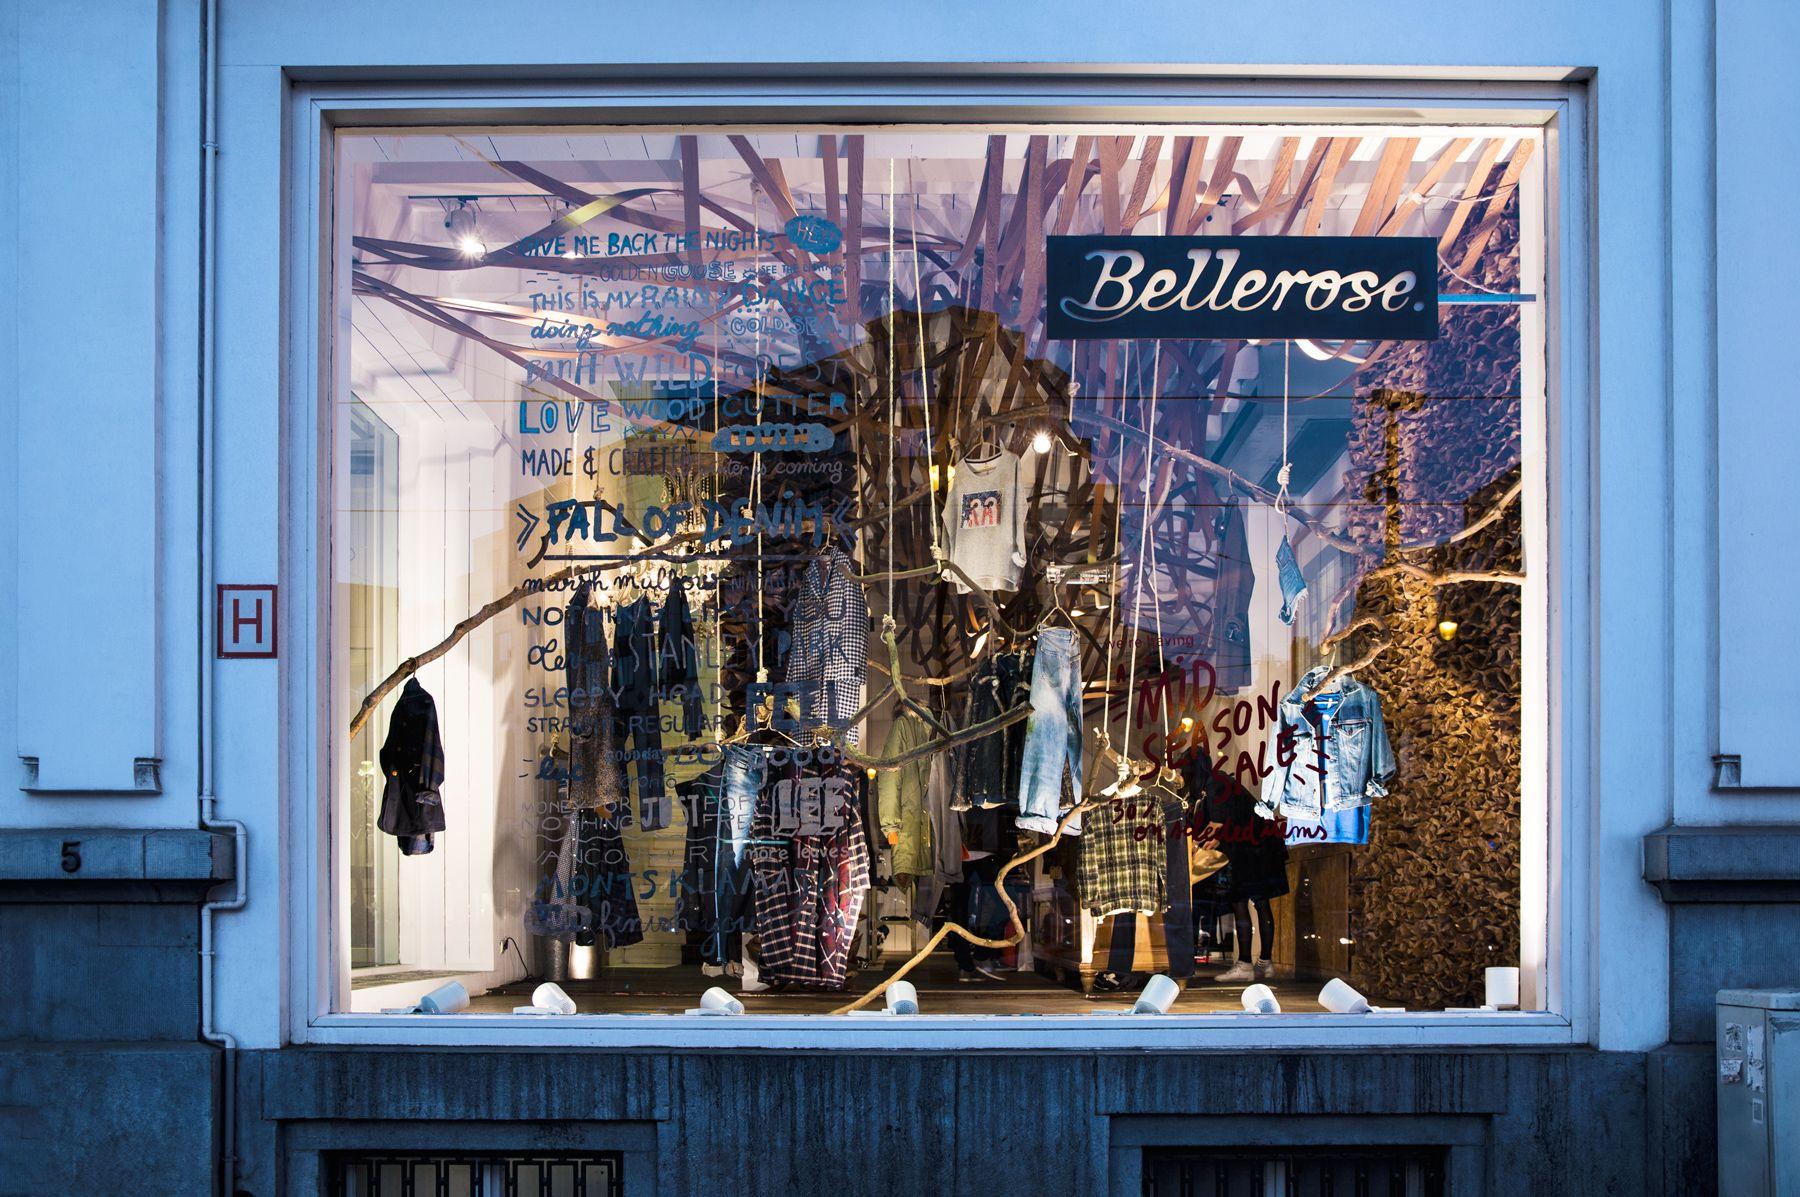 November'15, Bellerose Brussels store (Sté